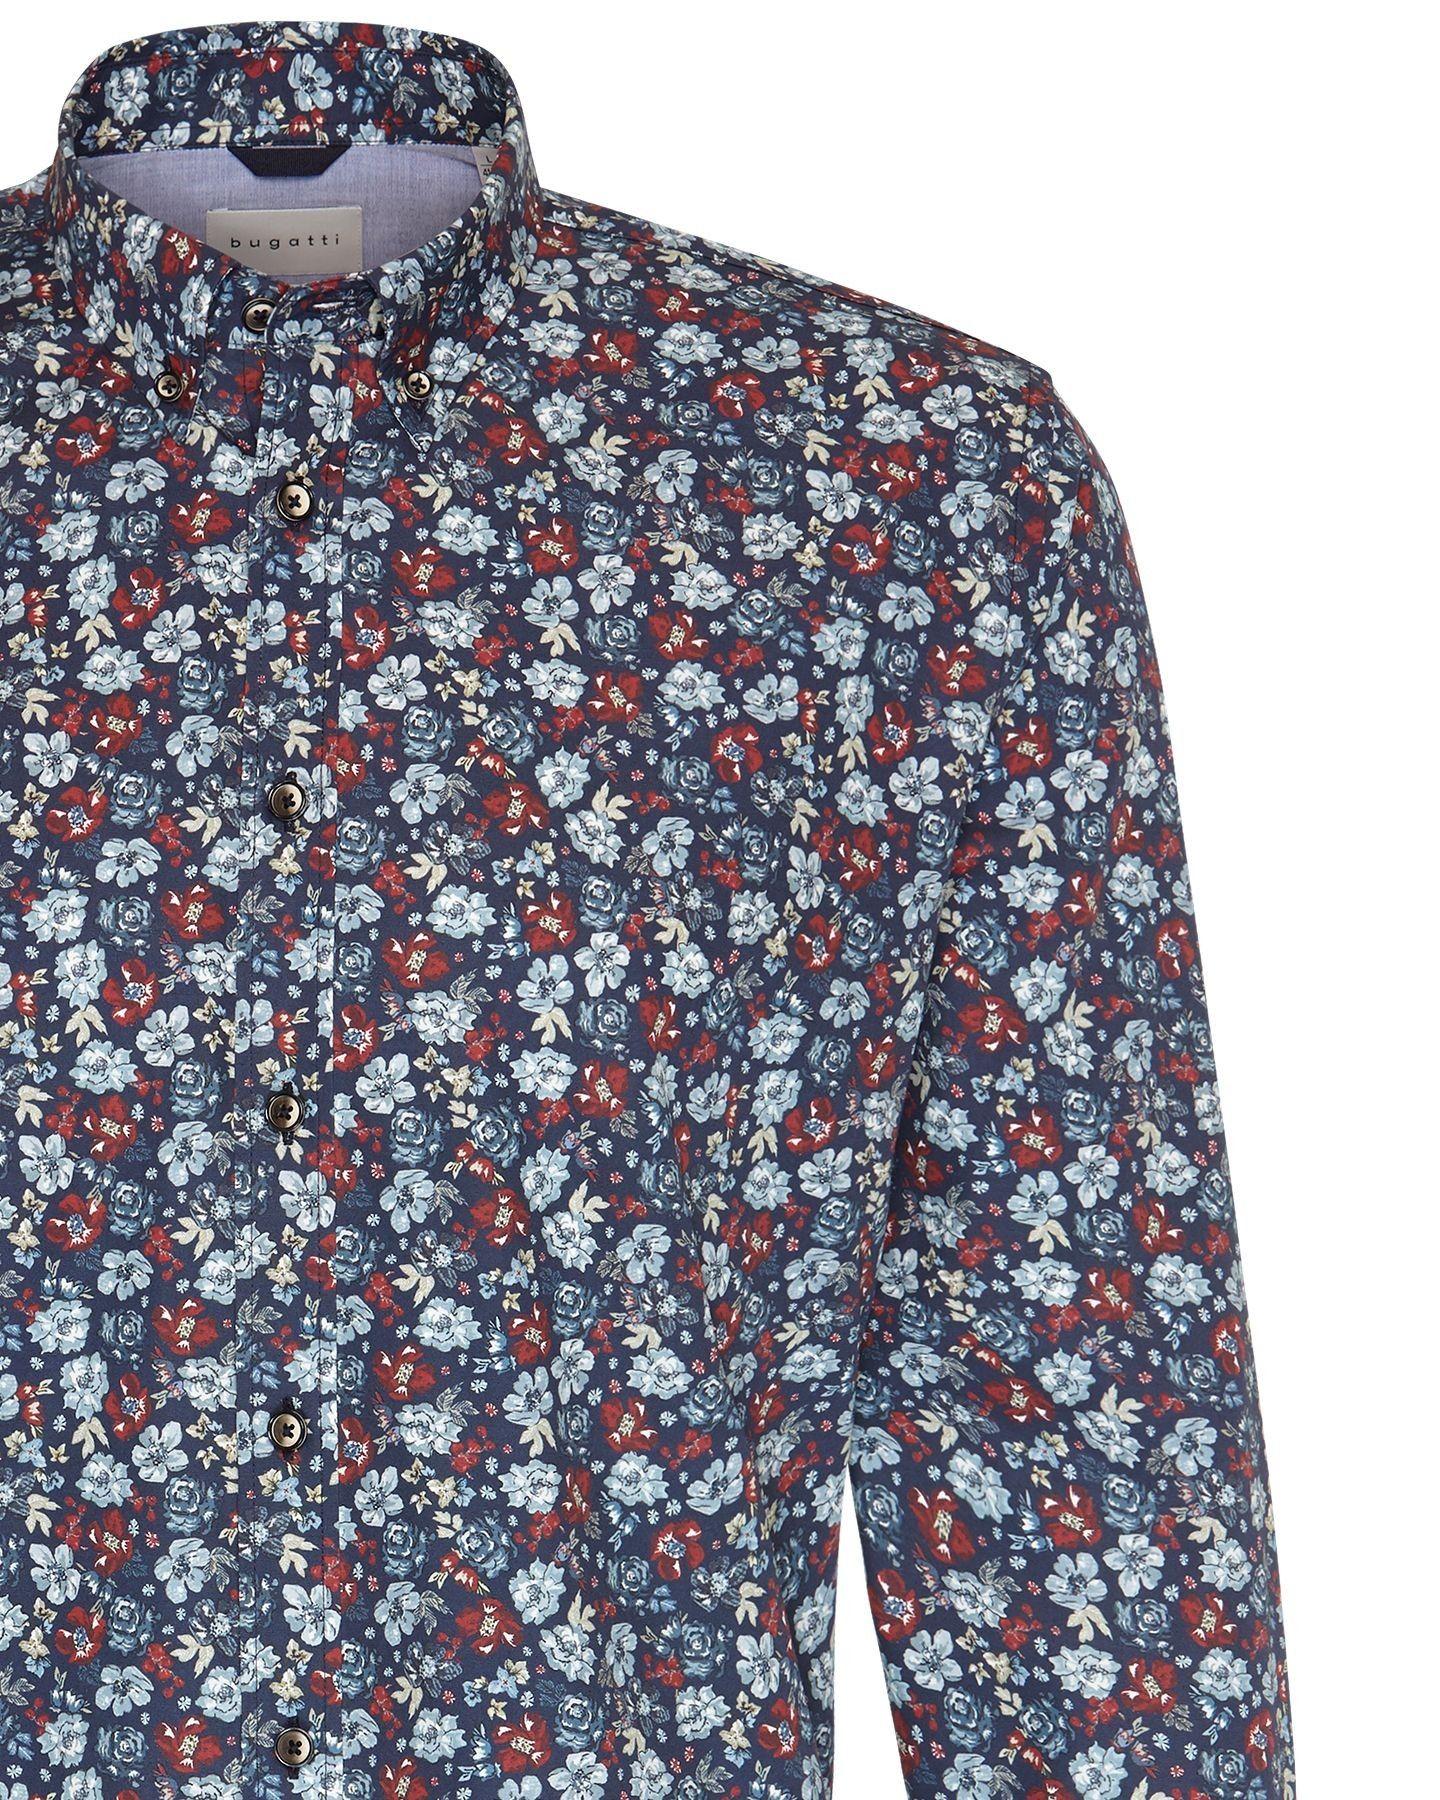 Bugatti - Herren Hemd mit floralem Muster (28822-9350) – Bild 2